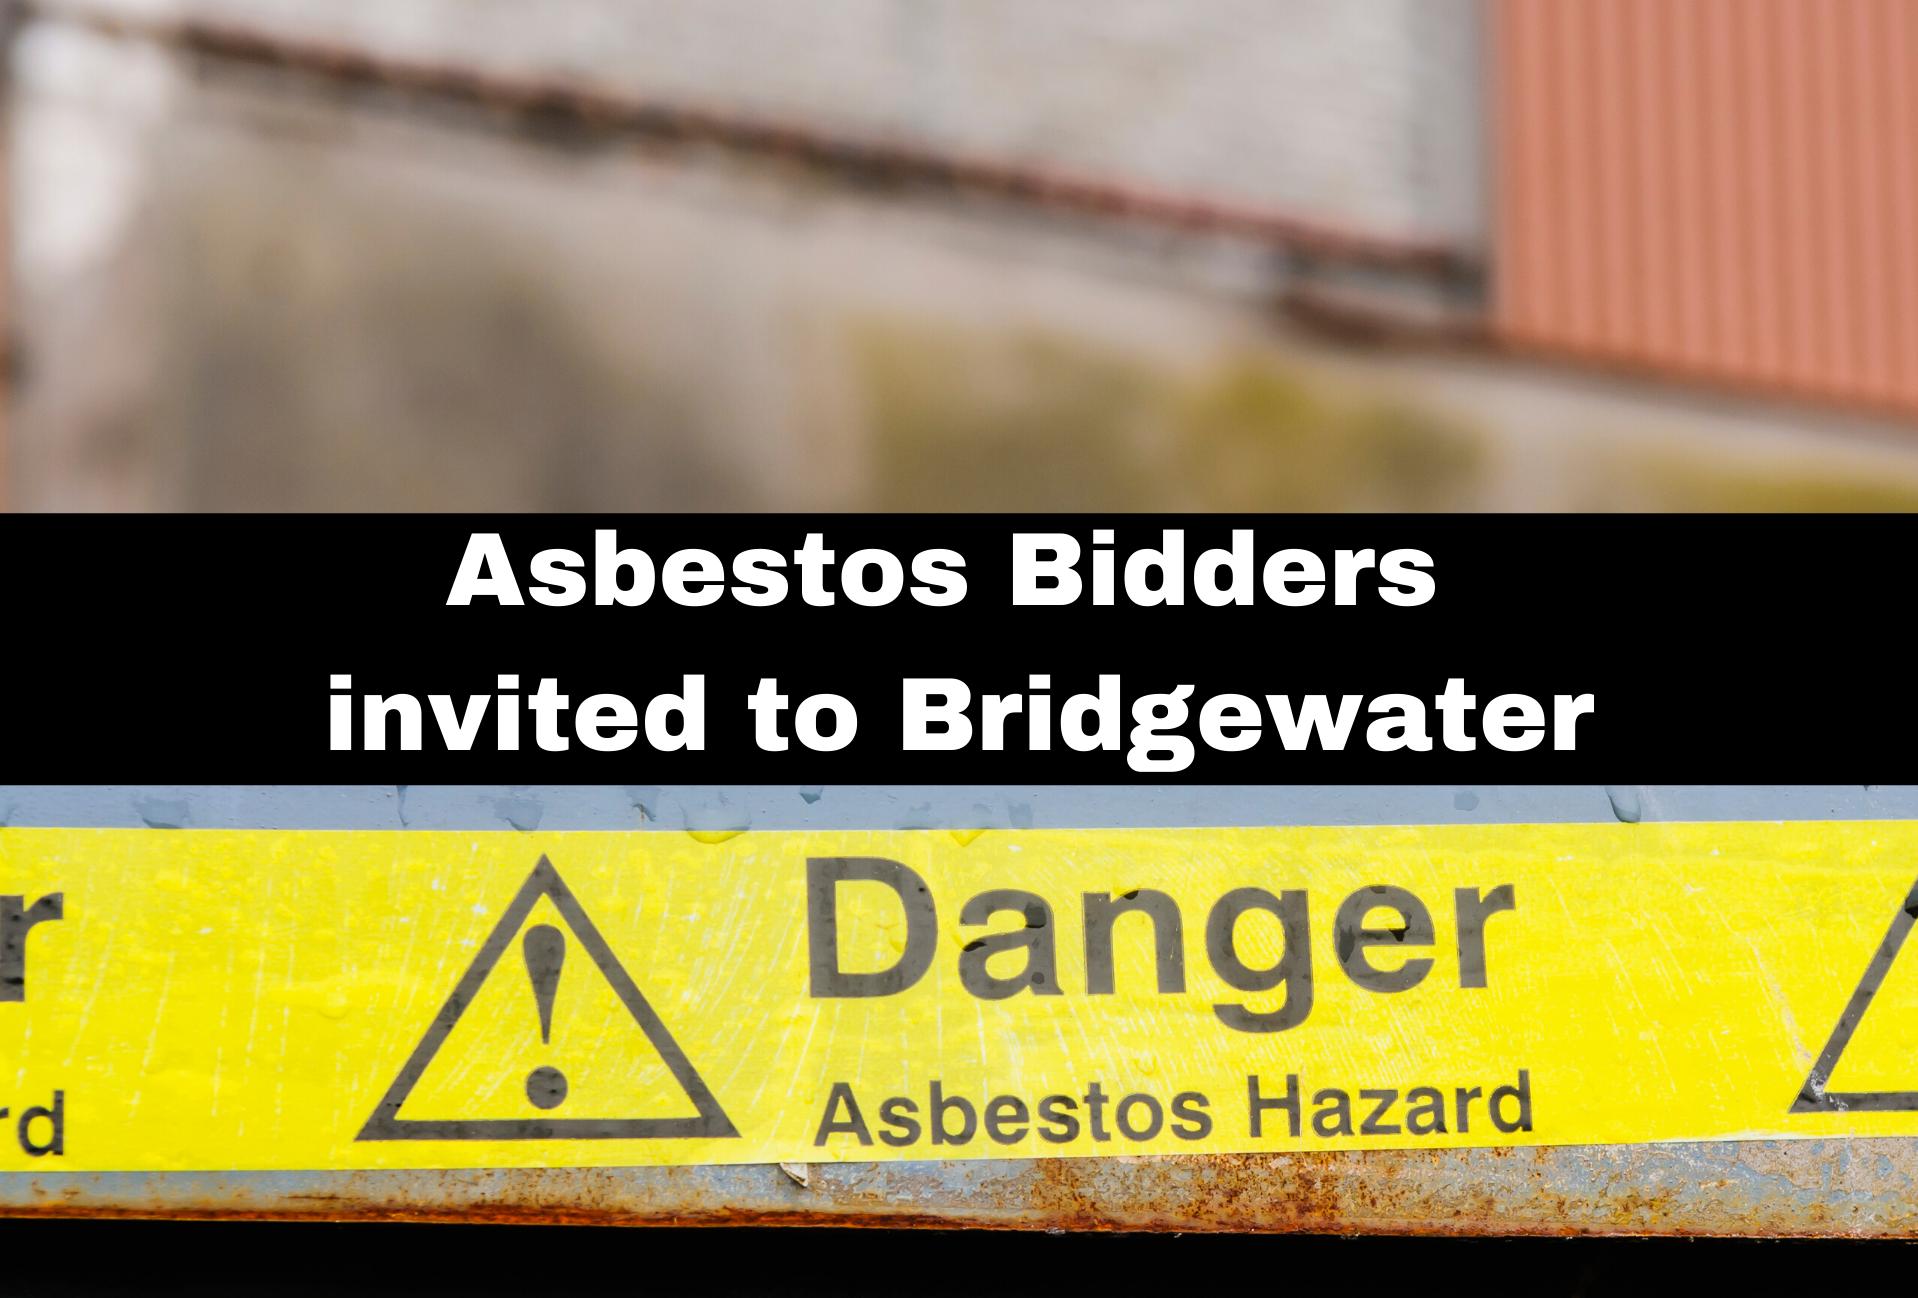 Asbestos Bidders invited to Bridgewater